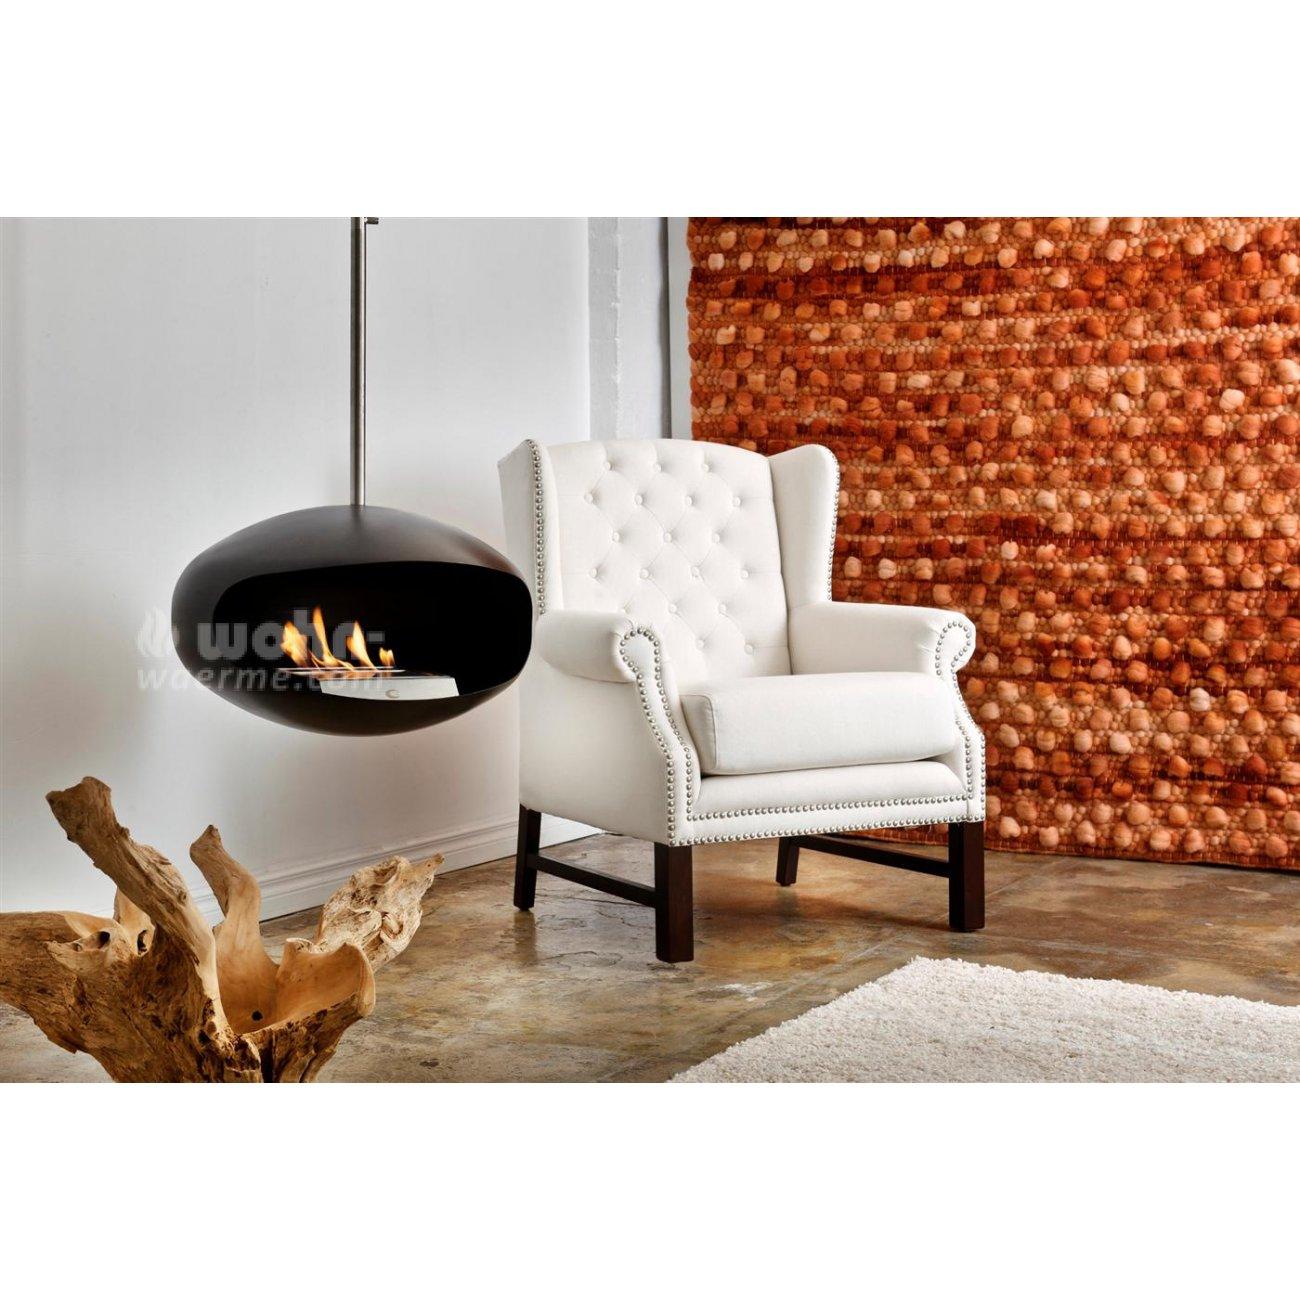 cocoon fires aeris design ethanolkamin h ngend. Black Bedroom Furniture Sets. Home Design Ideas